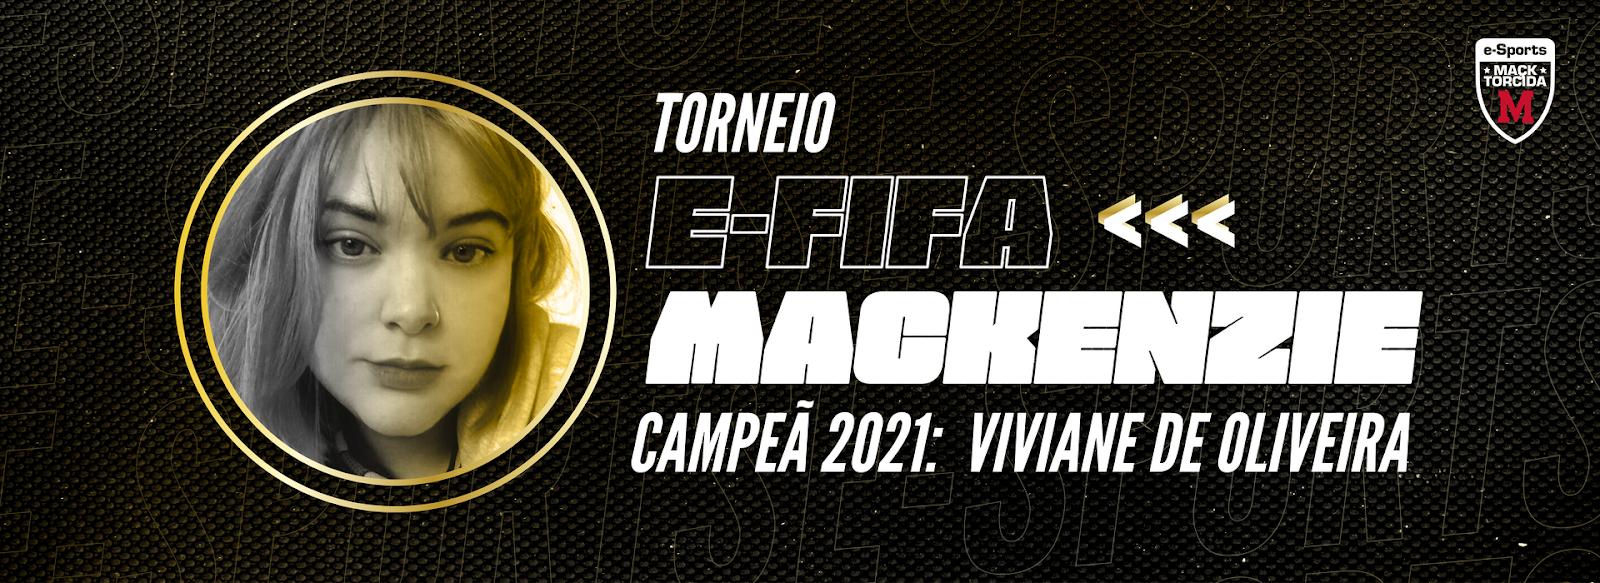 """A capa da notícia mostra a foto da Campeã Viviane na lateral esquerda. No meio, está escrito """"Torneio E-fifa Mackenzie Campeã 2021: Viviane de Oliveira"""""""